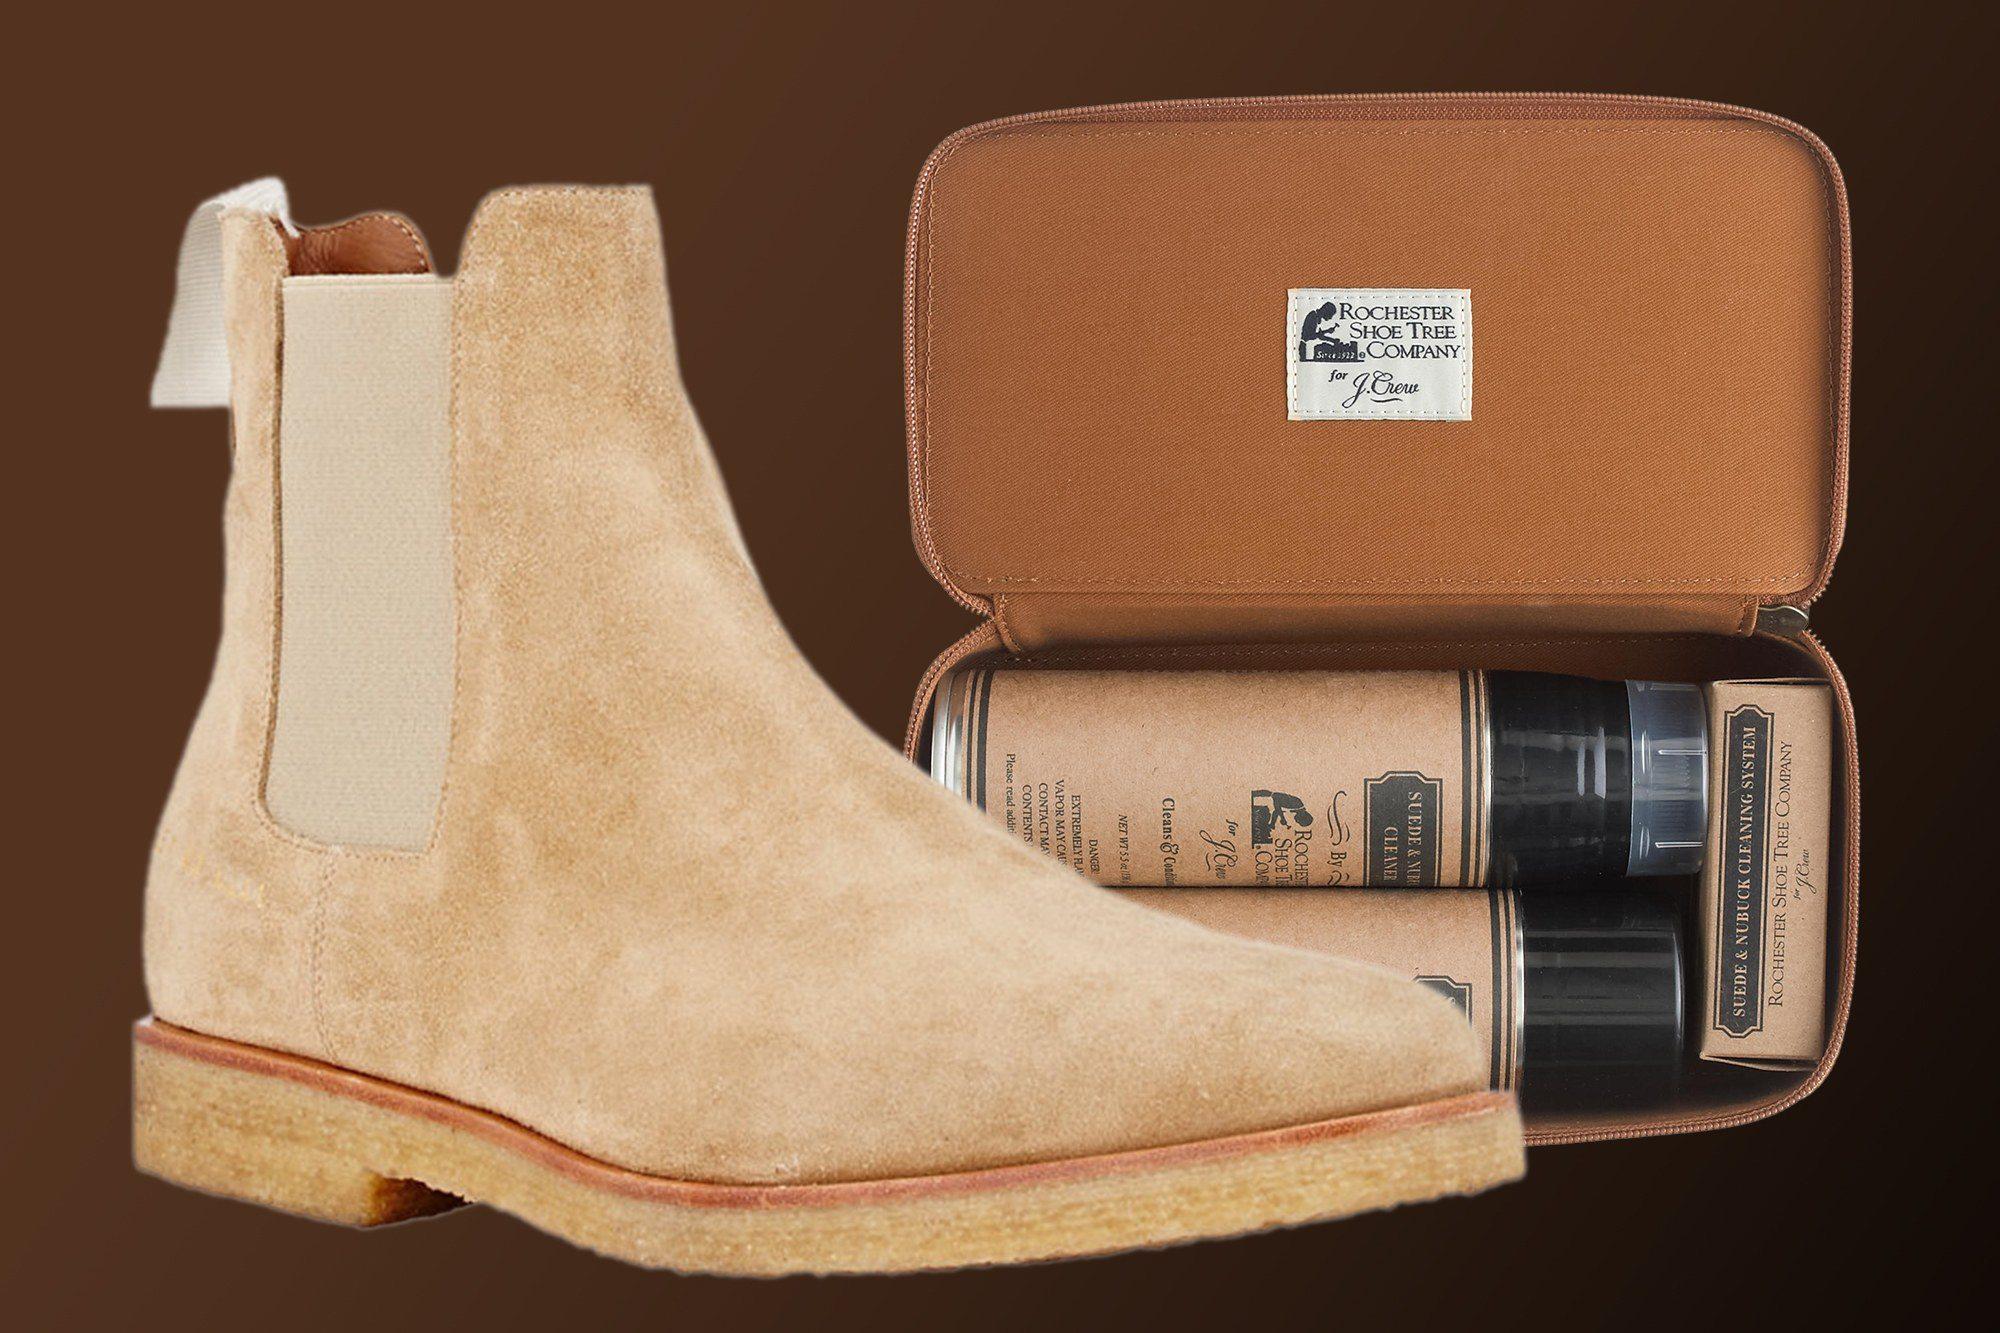 осторожность при покраске обуви